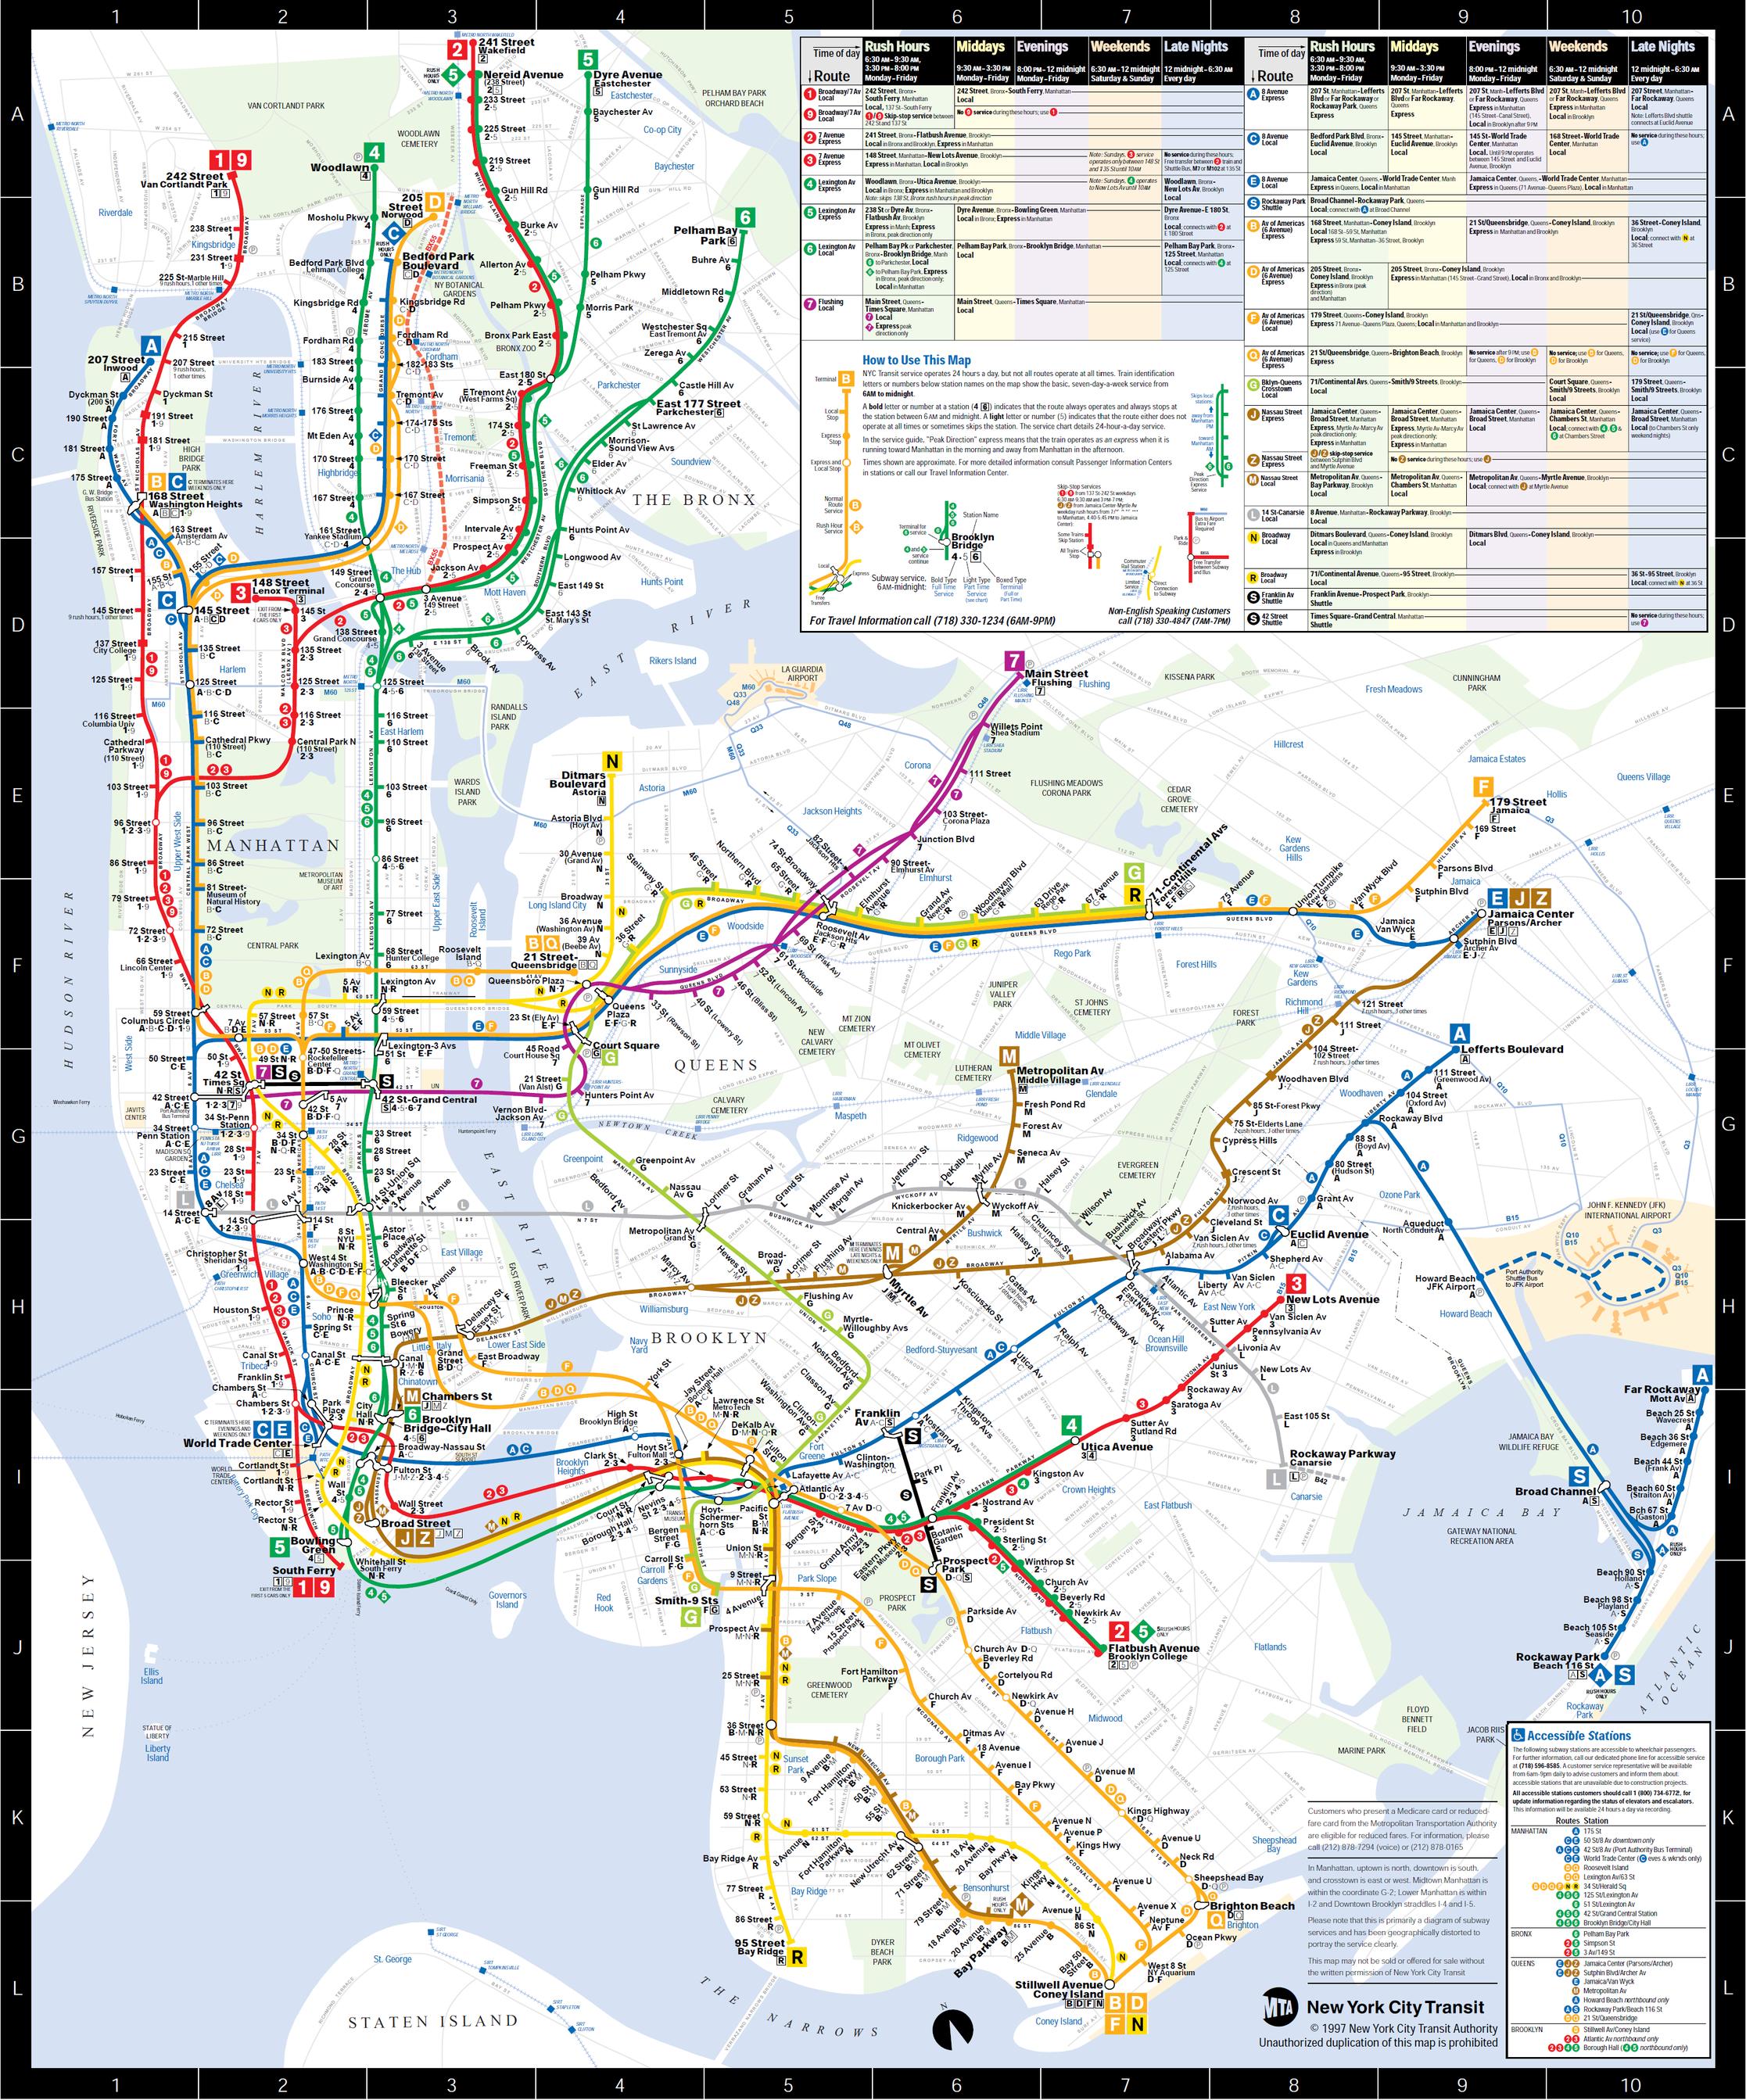 MTA Nyc Subway Map 1997 by JohnG15 on DeviantArt